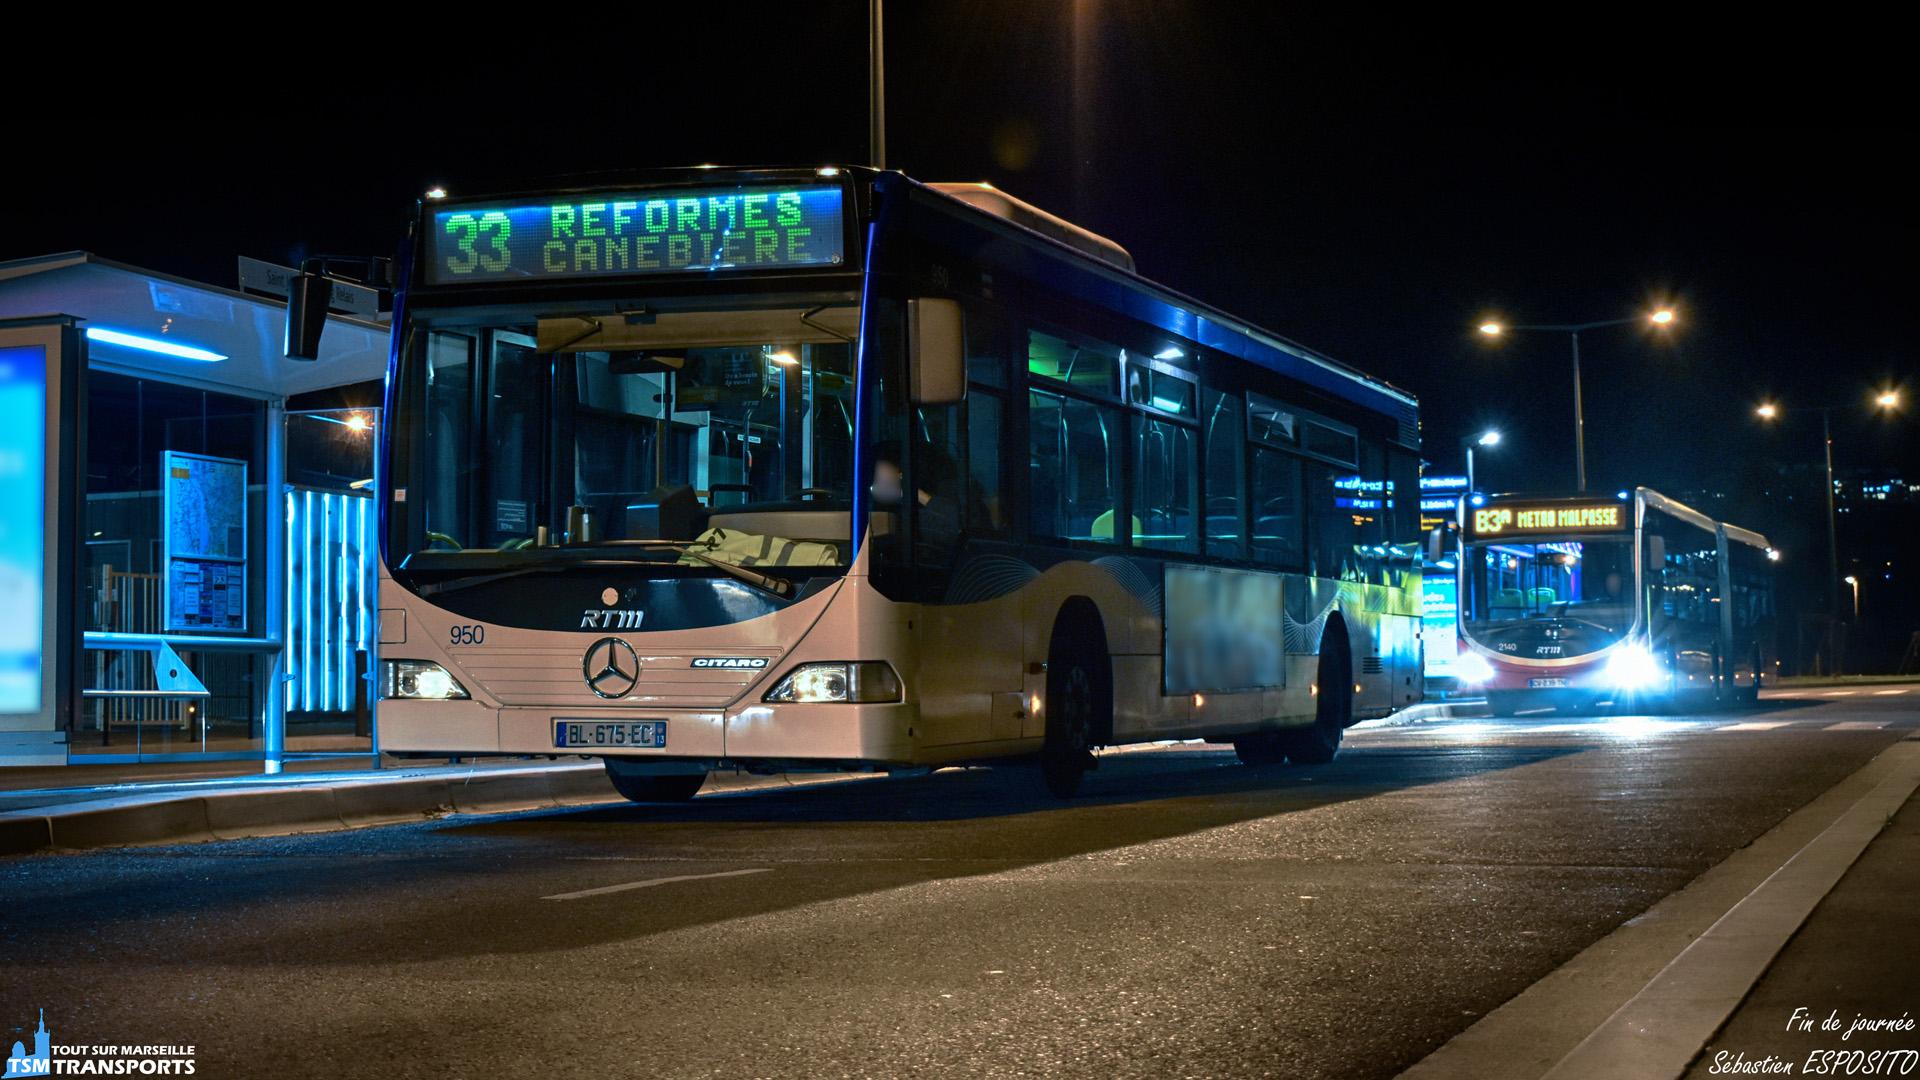 Un soir au terminus de Saint Jérôme Parking Relais, les bus de la ligne 33 et B3a s'y reposent avant de repartir en ligne. . Voici ce Mercedes Benz Citaro 1 suivi juste après d'un Citaro 2 G Euro 5 BHNS un soir assez doux. . ℹ️ Mercedes Benz Citaro 1 RTM n°950 et Citaro 2 G Euro 5 BHNS n°2140. . 📍 Saint Jérôme Parking Relais, Rue du pebre d'ail, 14eme arrondissement de Marseille. . ↔️ 33 : Réformés Canebière - Saint Jérôme Parking Relais. . B3a : Métro Malpasse - Saint Jérôme Parking Relais. . 📸 Nikon D5600. . 📷 Nikkor 18-55mm. . 📅 4 Décembre 2018 à 19:10. . 👨 Sébastien ESPOSITO.